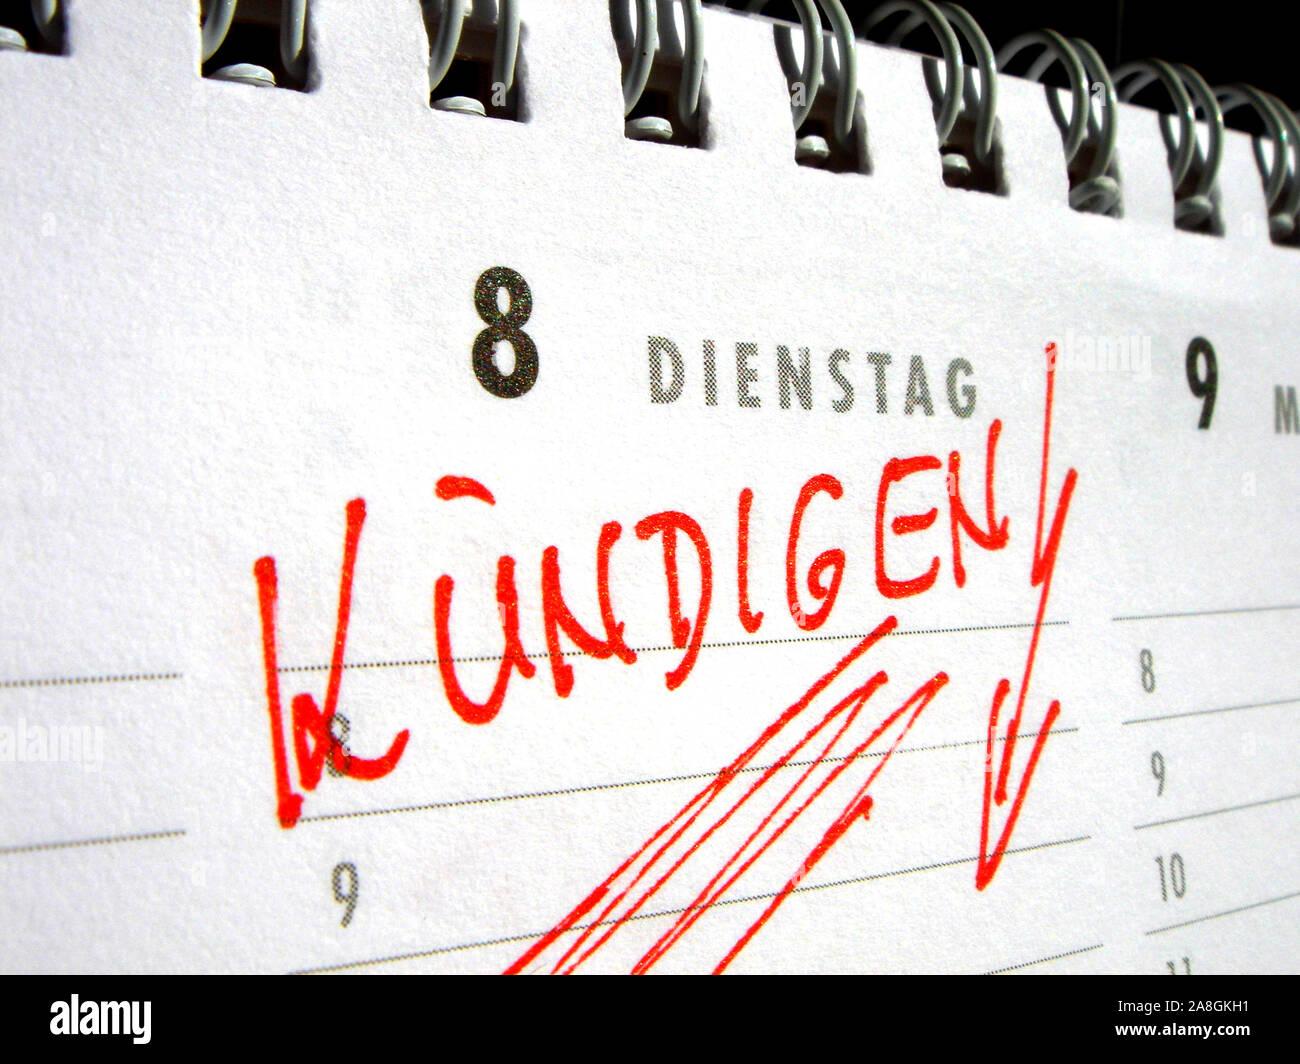 Eintrag im Kalender, Kündigen, Stock Photo